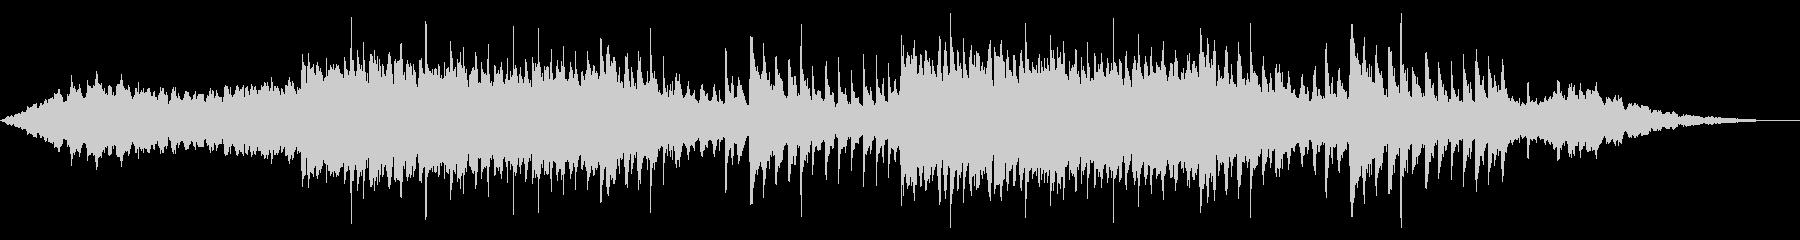 パワフルで感動的な壮大ピアノアンビエントの未再生の波形